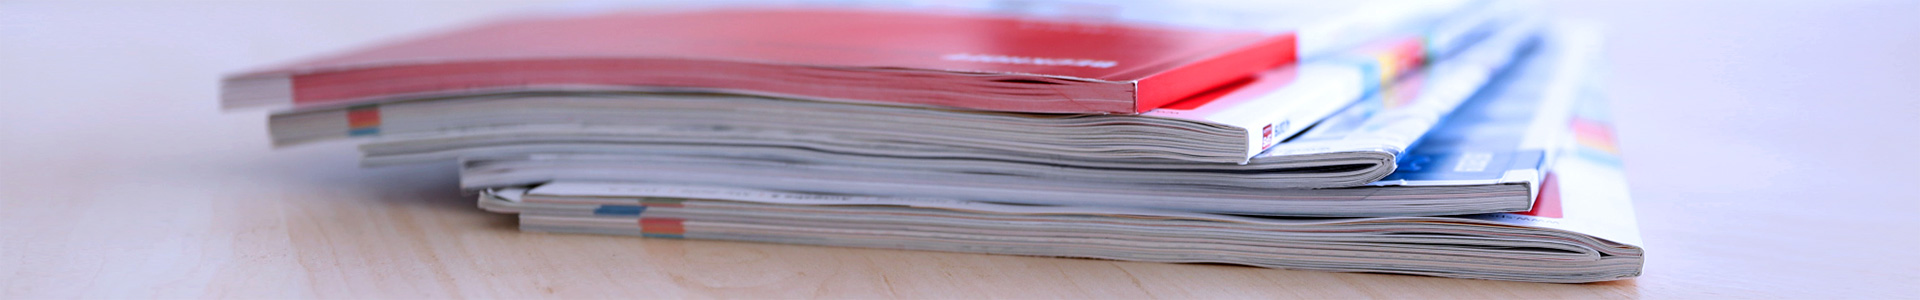 Zeitschriftenstapel